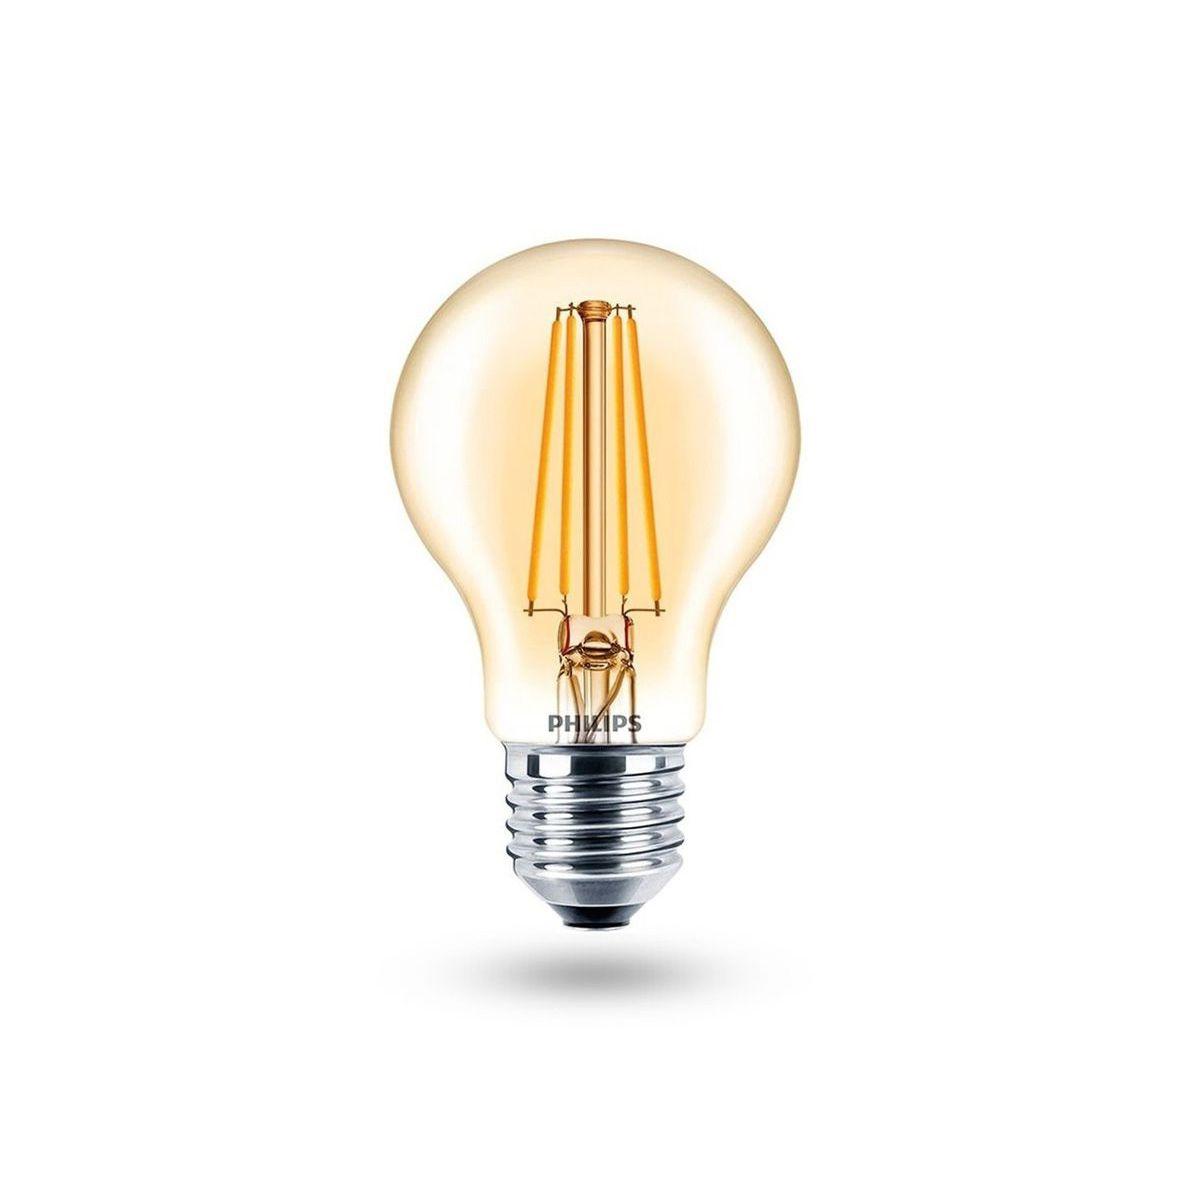 Lâmpada LED Filamento 7,5w A60 E27 2000K 220V Dimerizável - PHILIPS